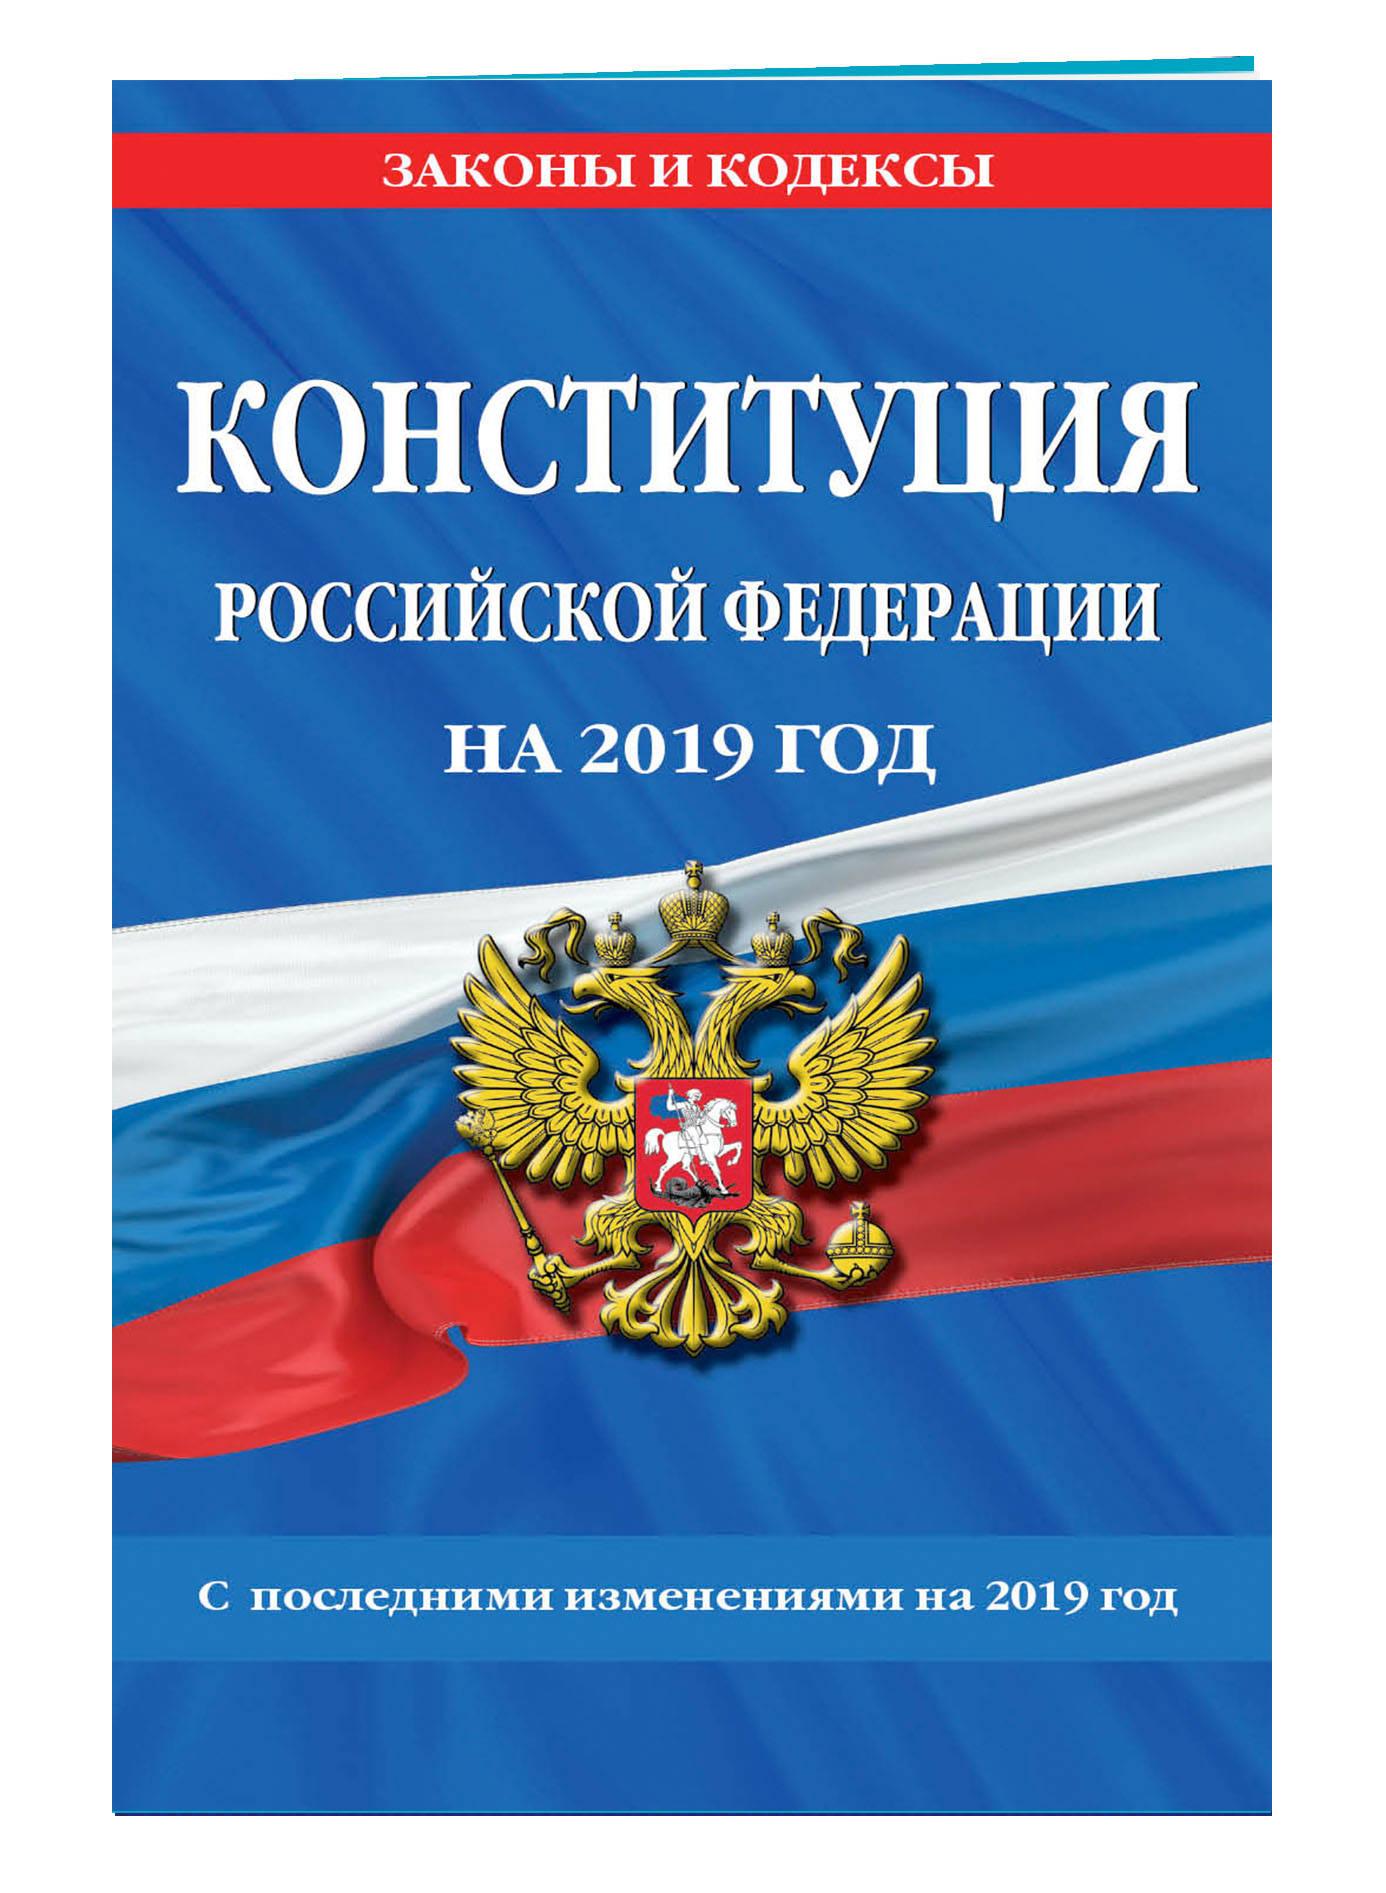 Конституция Российской Федерации со всеми посл. изм. на 2019 г. конституция российской федерации со всеми посл изм на 2019 г